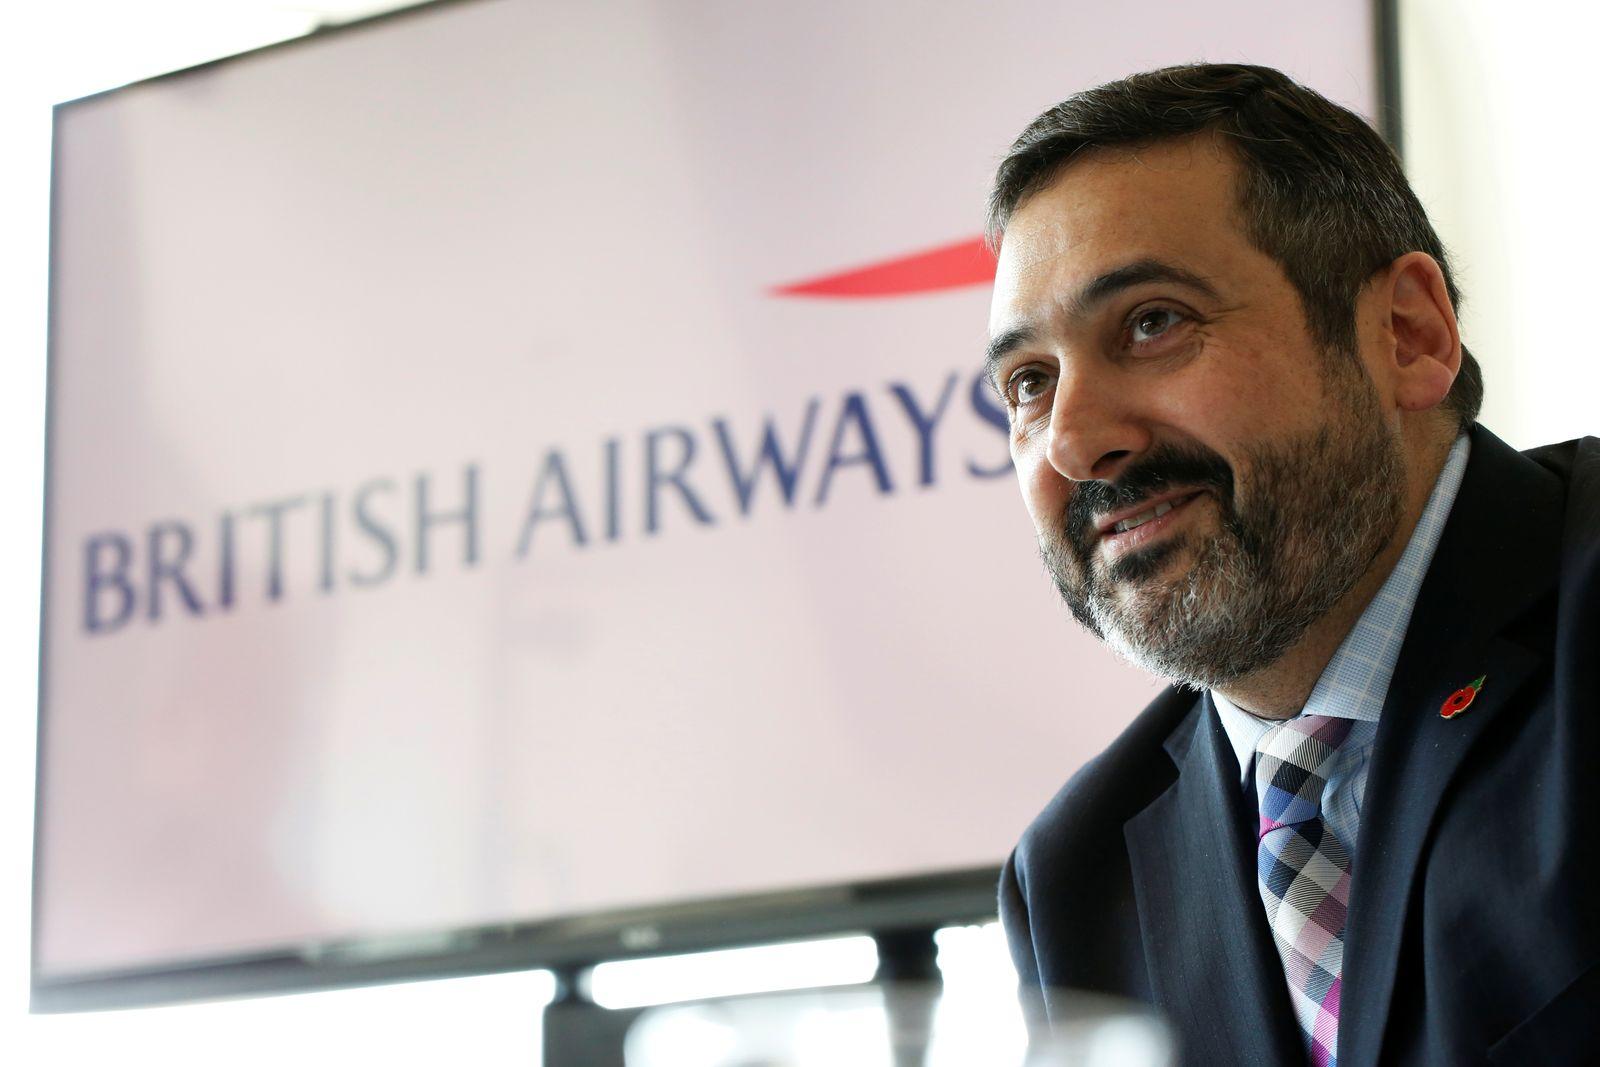 British Airways CEO Alex Cruz speaks during a news conference in Tel Aviv